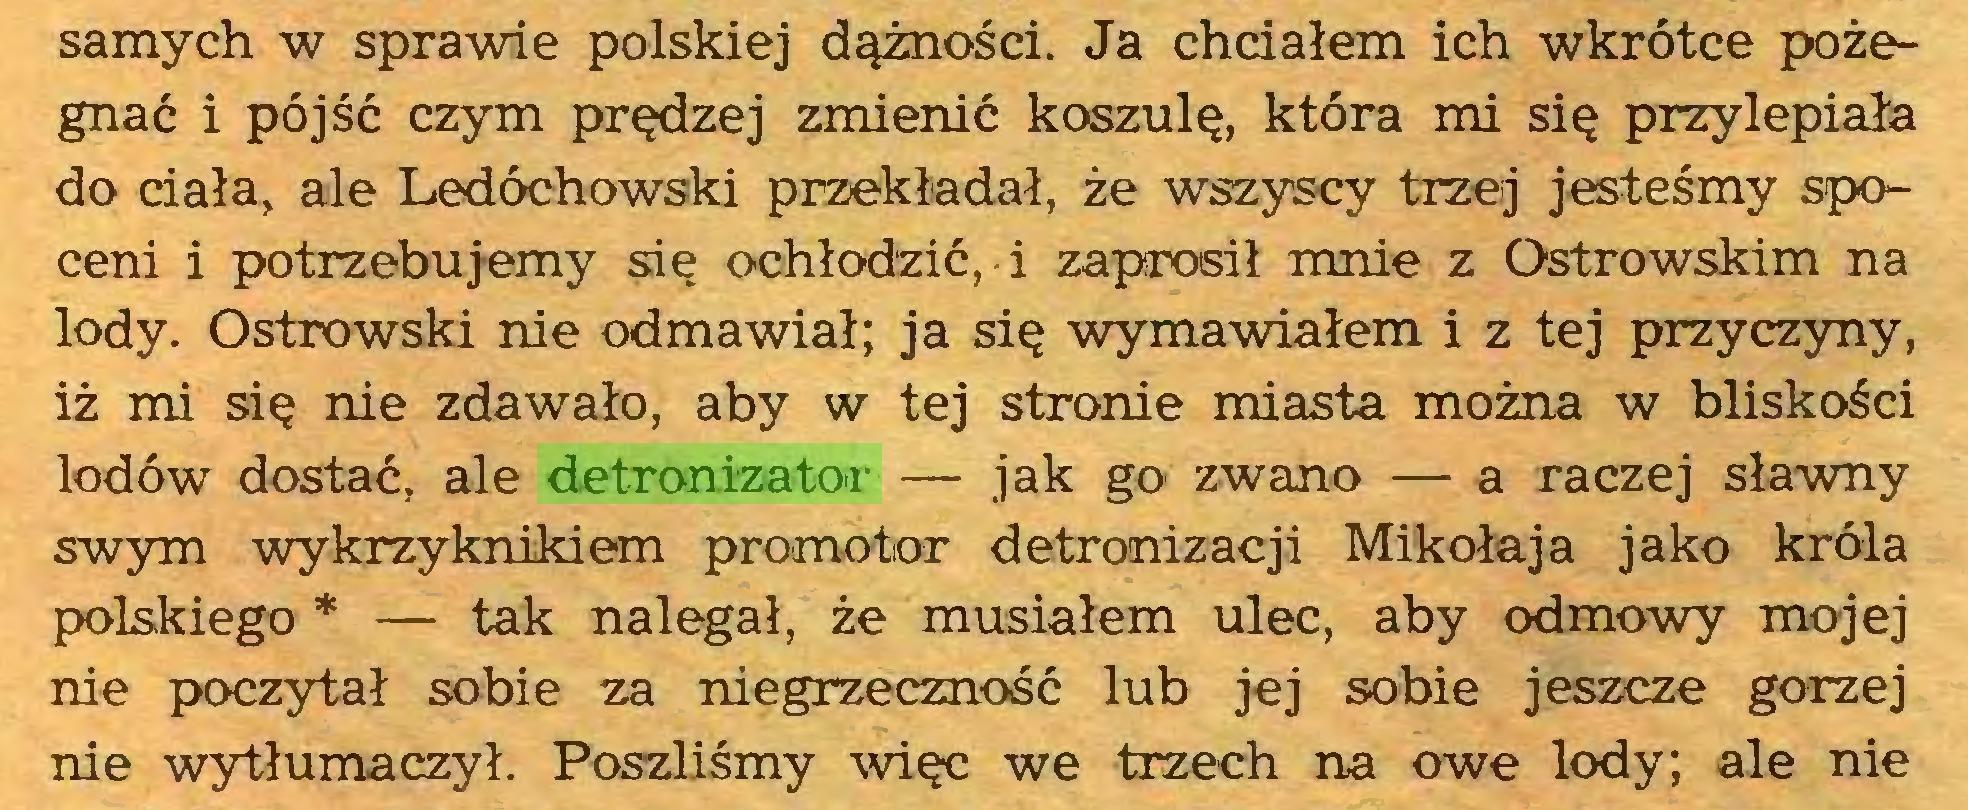 (...) samych w sprawie polskiej dążności. Ja chciałem ich wkrótce pożegnać i pójść czym prędzej zmienić koszulę, która mi się przylepiała do ciała, ale Ledóchowski przekładał, że wszyscy trzej jesteśmy spoceni i potrzebujemy się ochłodzić, i zaprosił mnie z Ostrowskim na lody. Ostrowski nie odmawiał; ja się wymawiałem i z tej przyczyny, iż mi się nie zdawało, aby w tej stronie miasta można w bliskości lodów dostać, ale detronizator — jak go zwano — a raczej sławny swym wykrzyknikiem promotor detronizacji Mikołaja jako króla polskiego * — tak nalegał, że musiałem ulec, aby odmowy mojej nie poczytał sobie za niegrzeczność lub jej sobie jeszcze gorzej nie wytłumaczył. Poszliśmy więc we trzech na owe lody; ale nie...